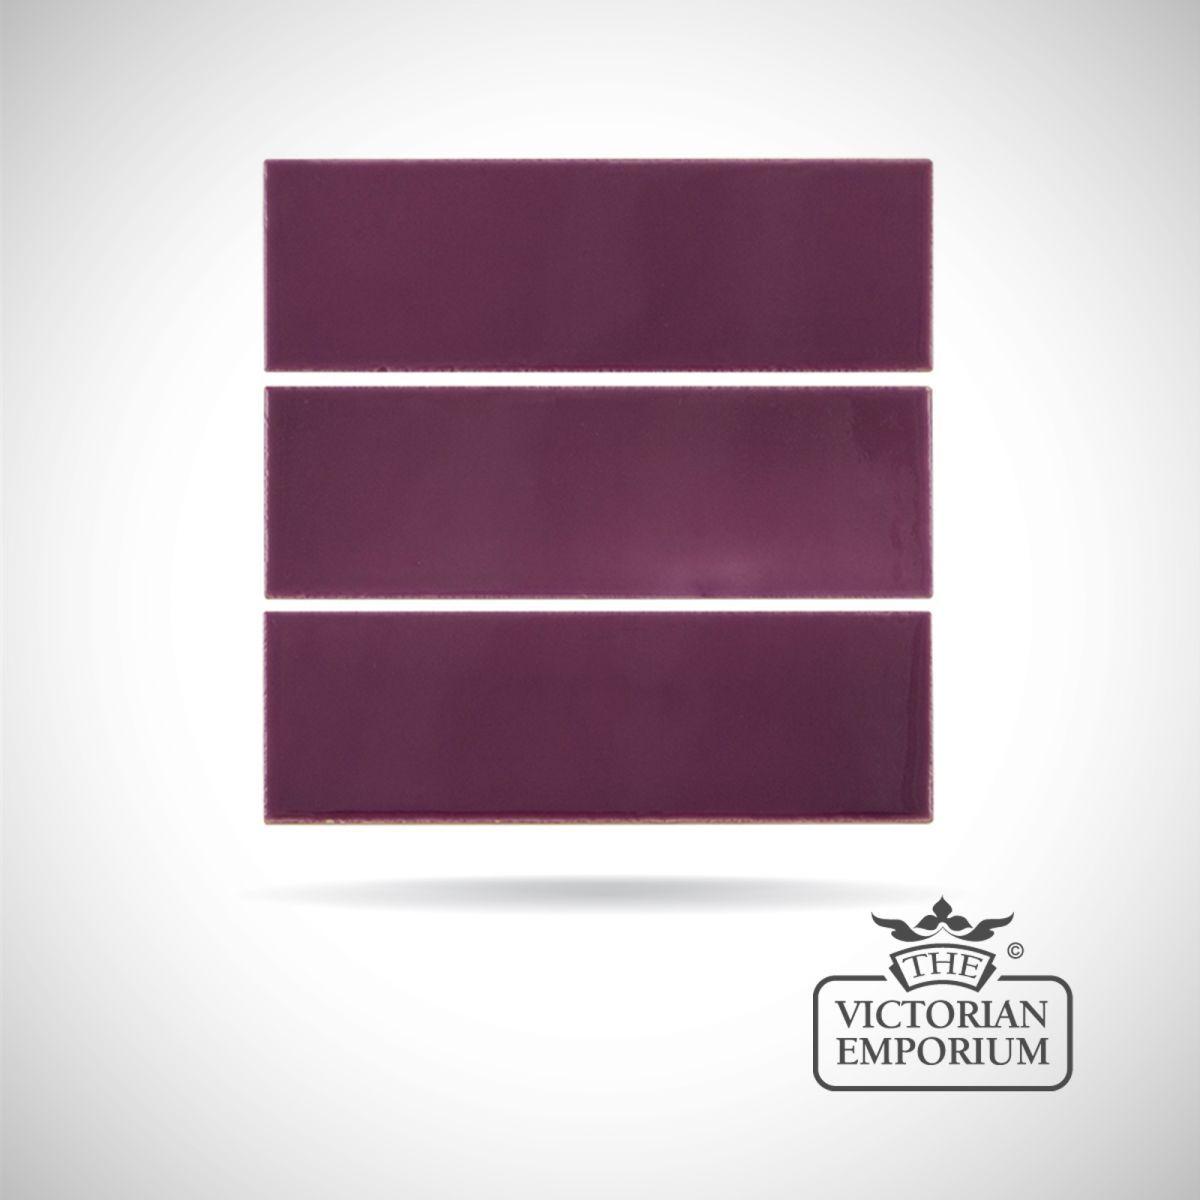 Buy Deep Violet fireplace spacer tiles, Fireplace tiles - Deeply coloured fireplace spacer tiles in Violet